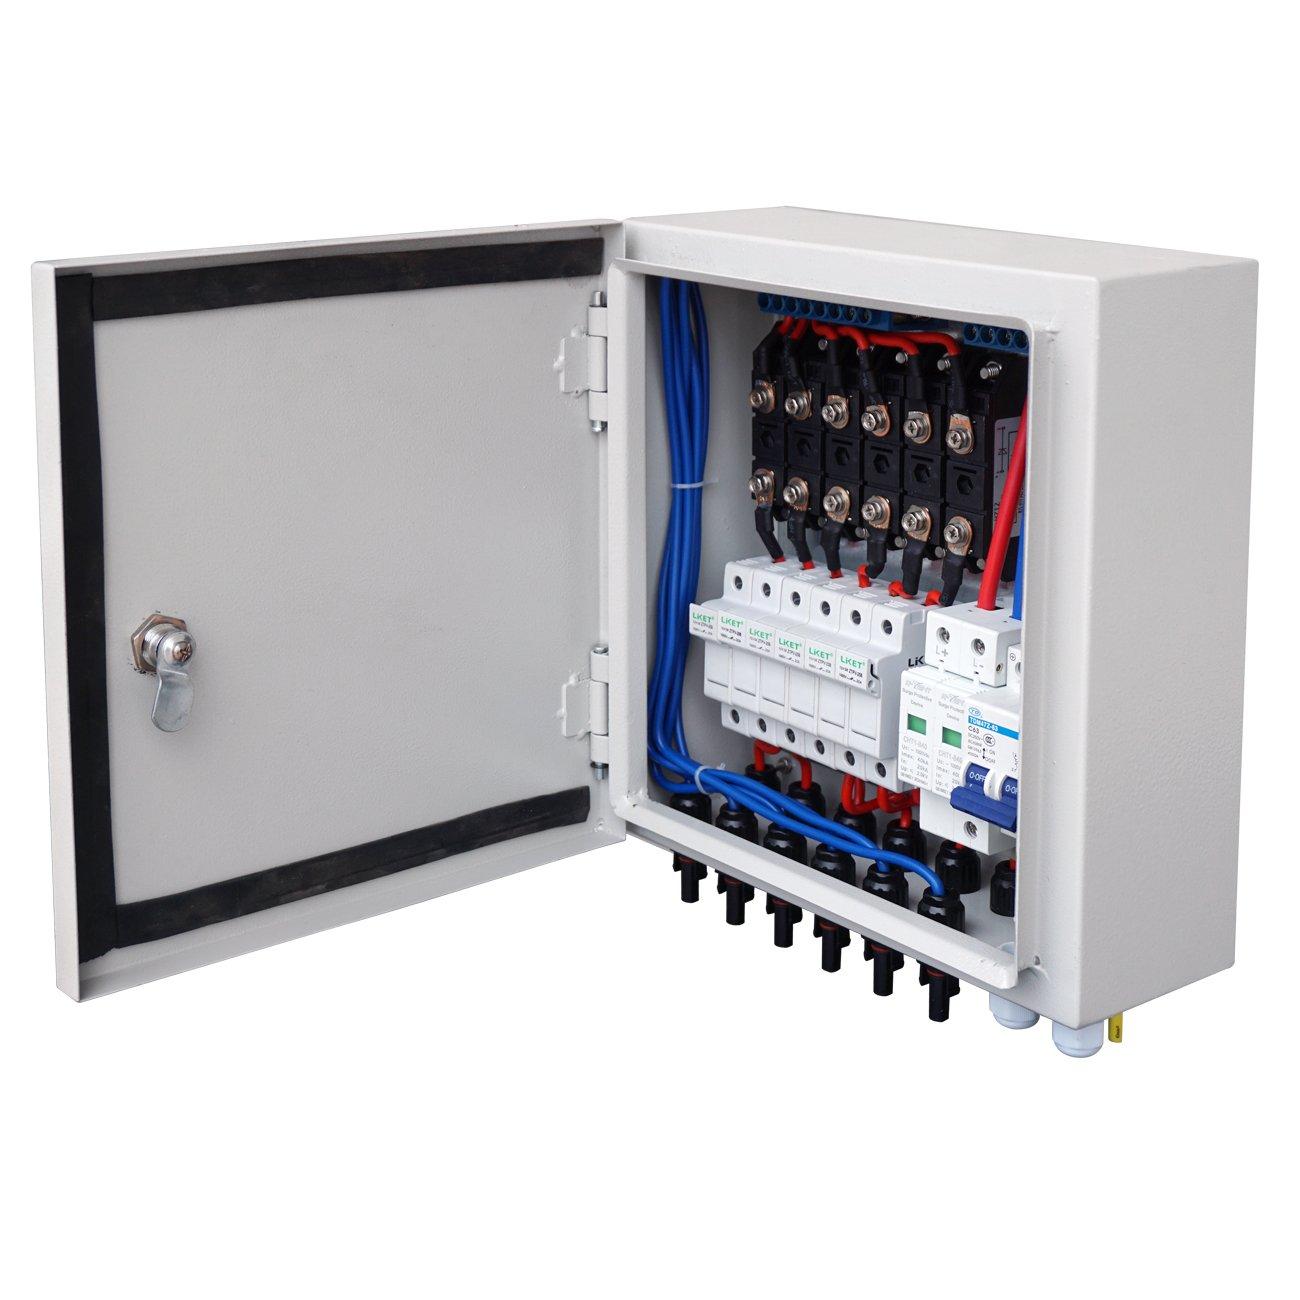 ECOWORTHY Solar Combiner Box - Protection contre les surtensions 6 A 10 cordes pré-câblée avec protection par fusible pour la protection contre les surtensions pour les systèmes hors tension et réseau